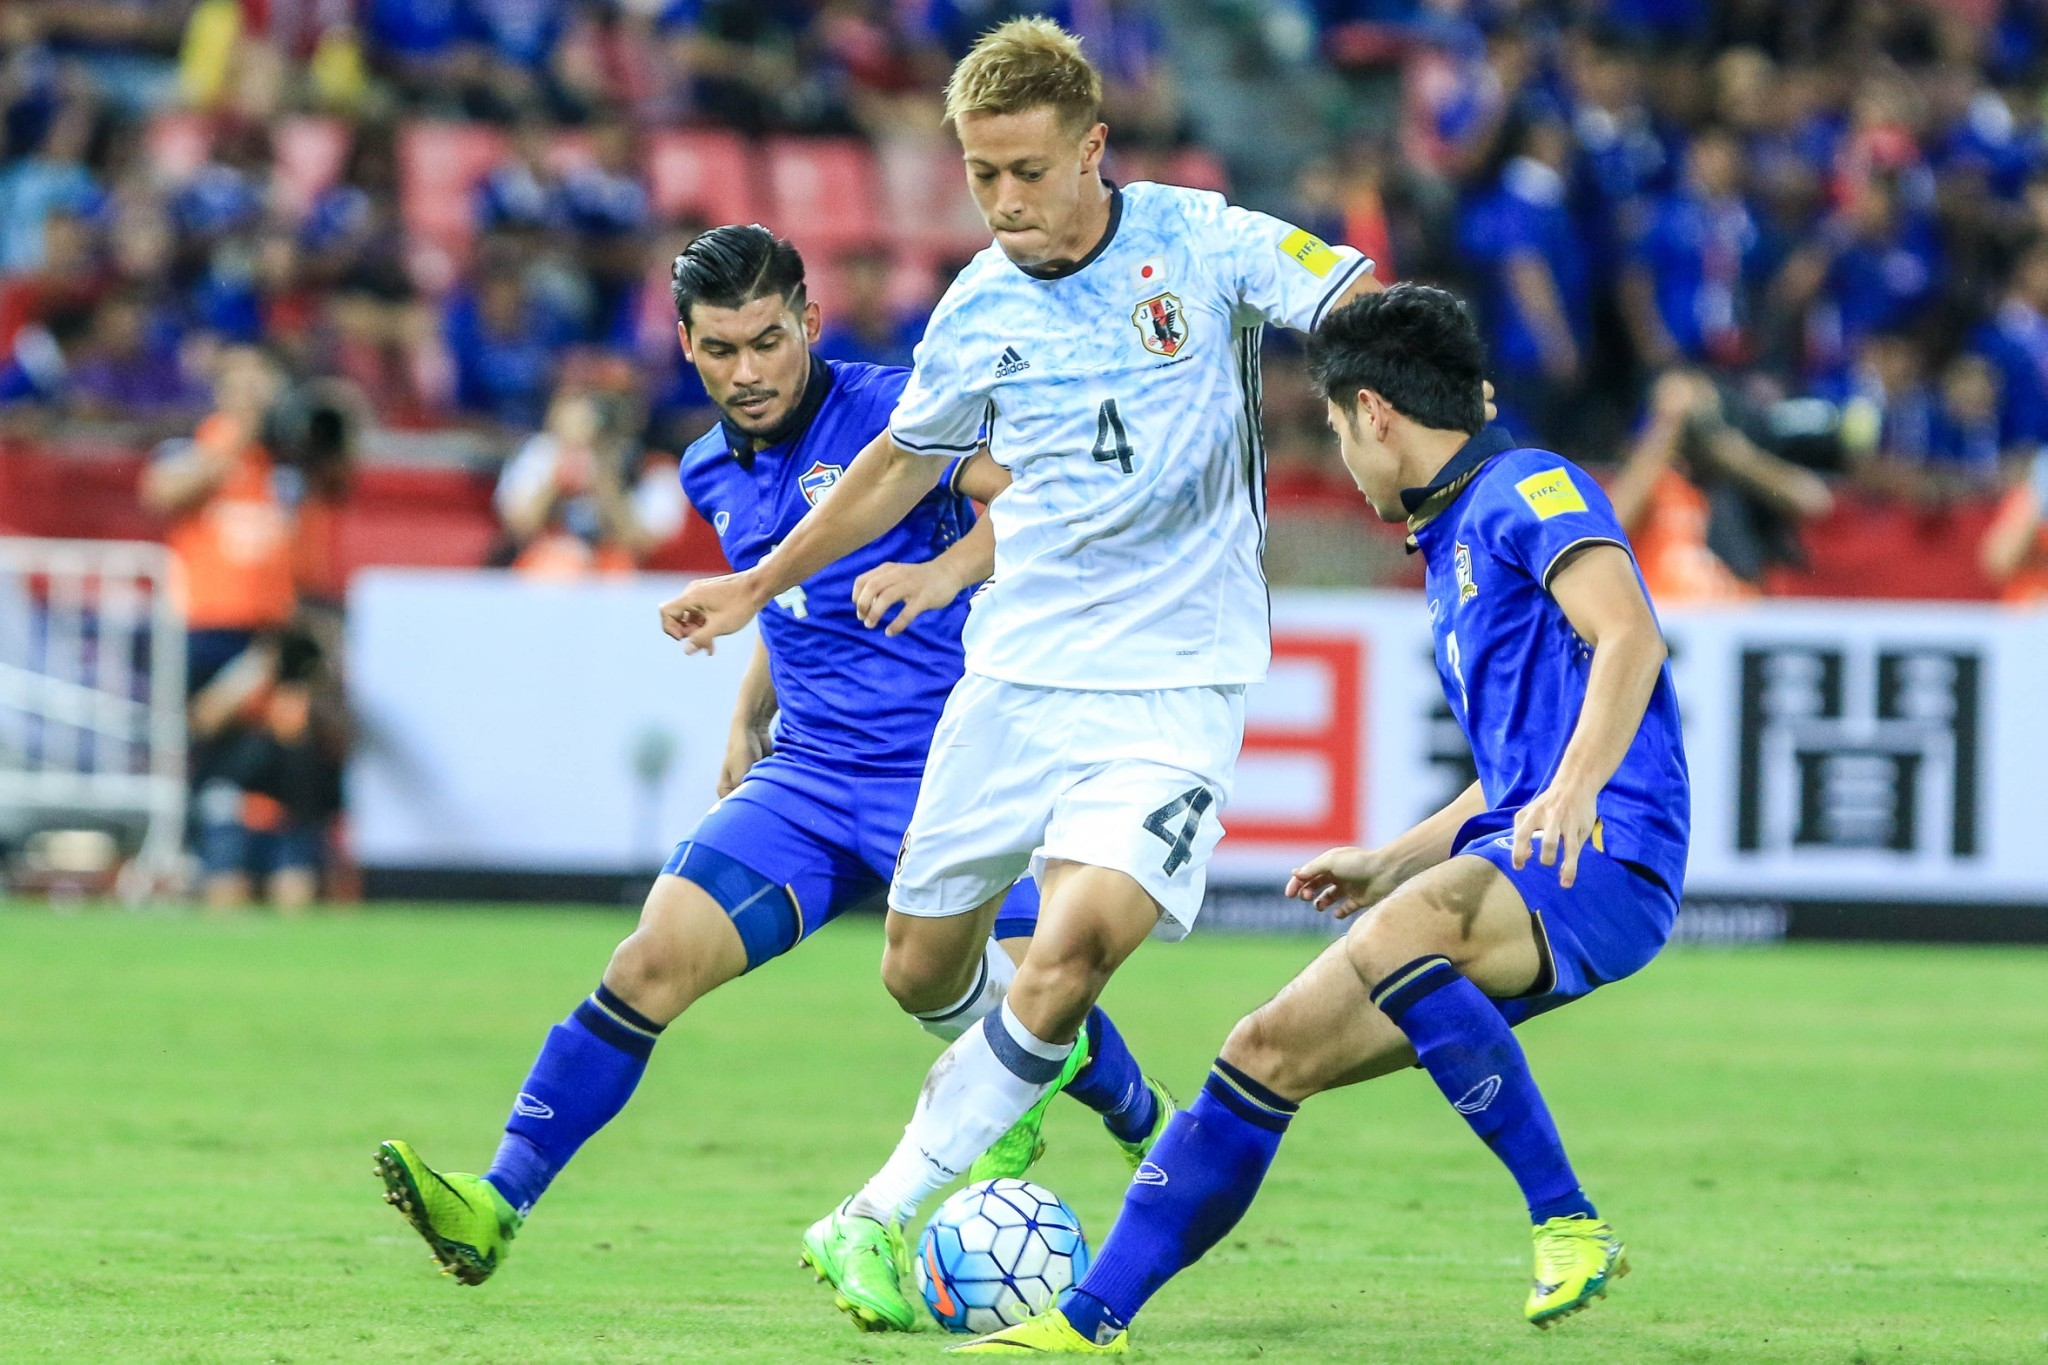 2018 suzuki cup.  suzuki it could be a different thailand team for suzuki cup inside 2018 suzuki cup d